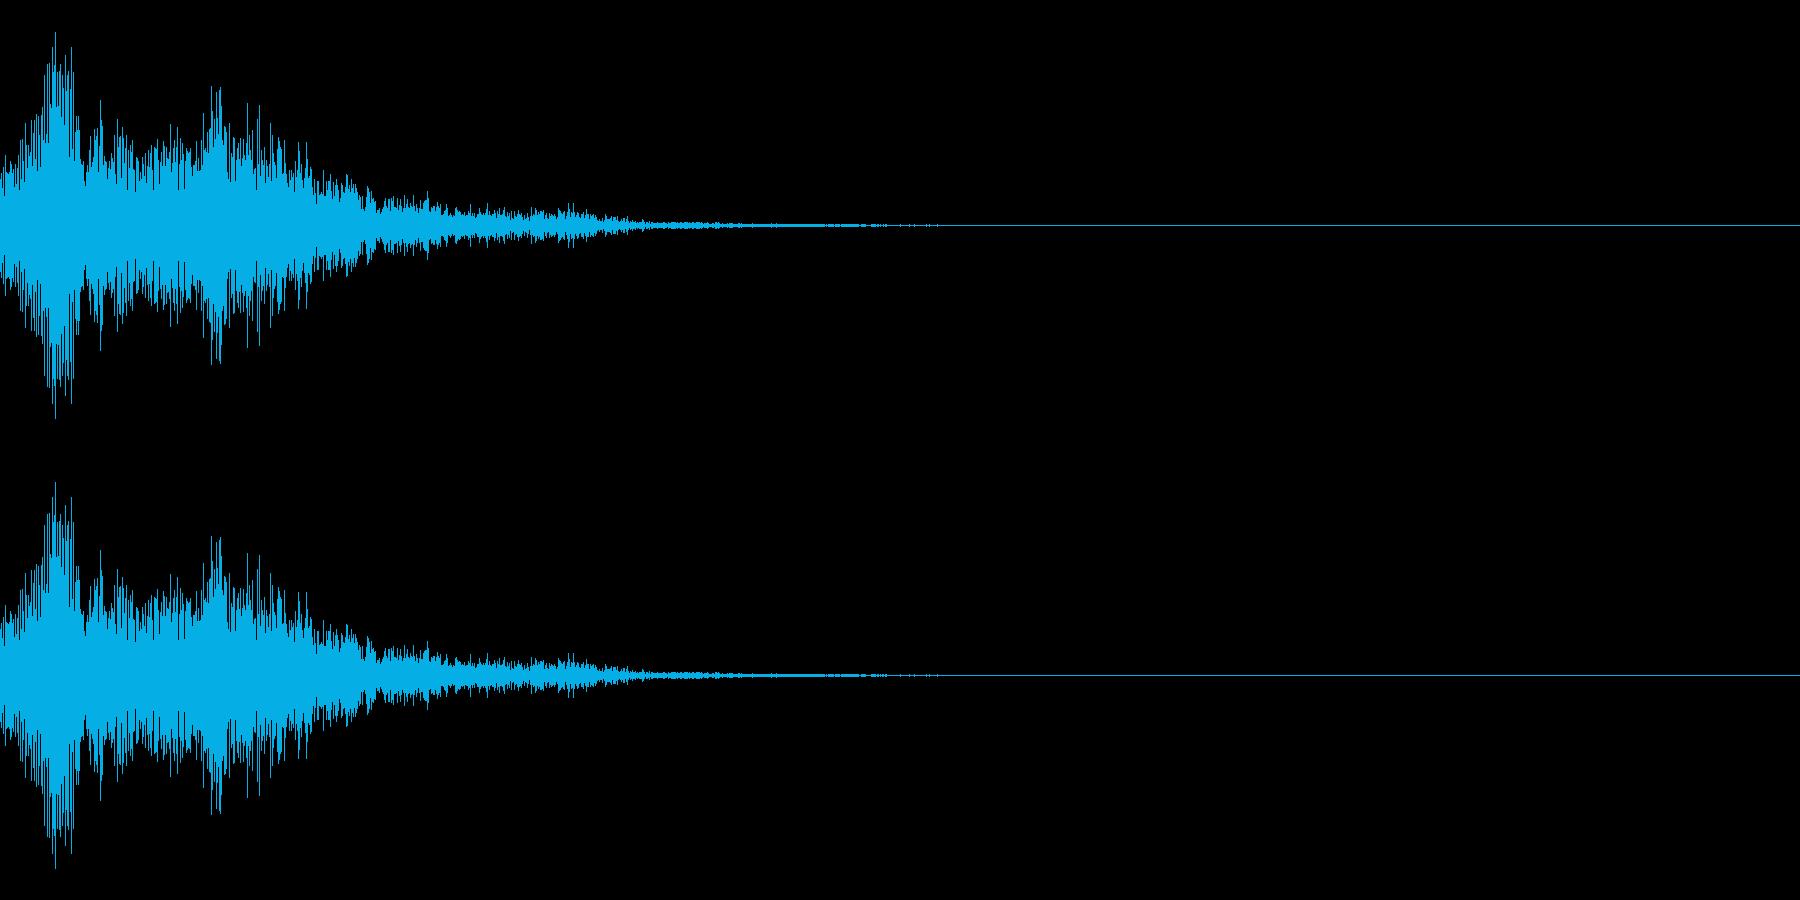 「うわっ」っていう感じの驚いている声の再生済みの波形